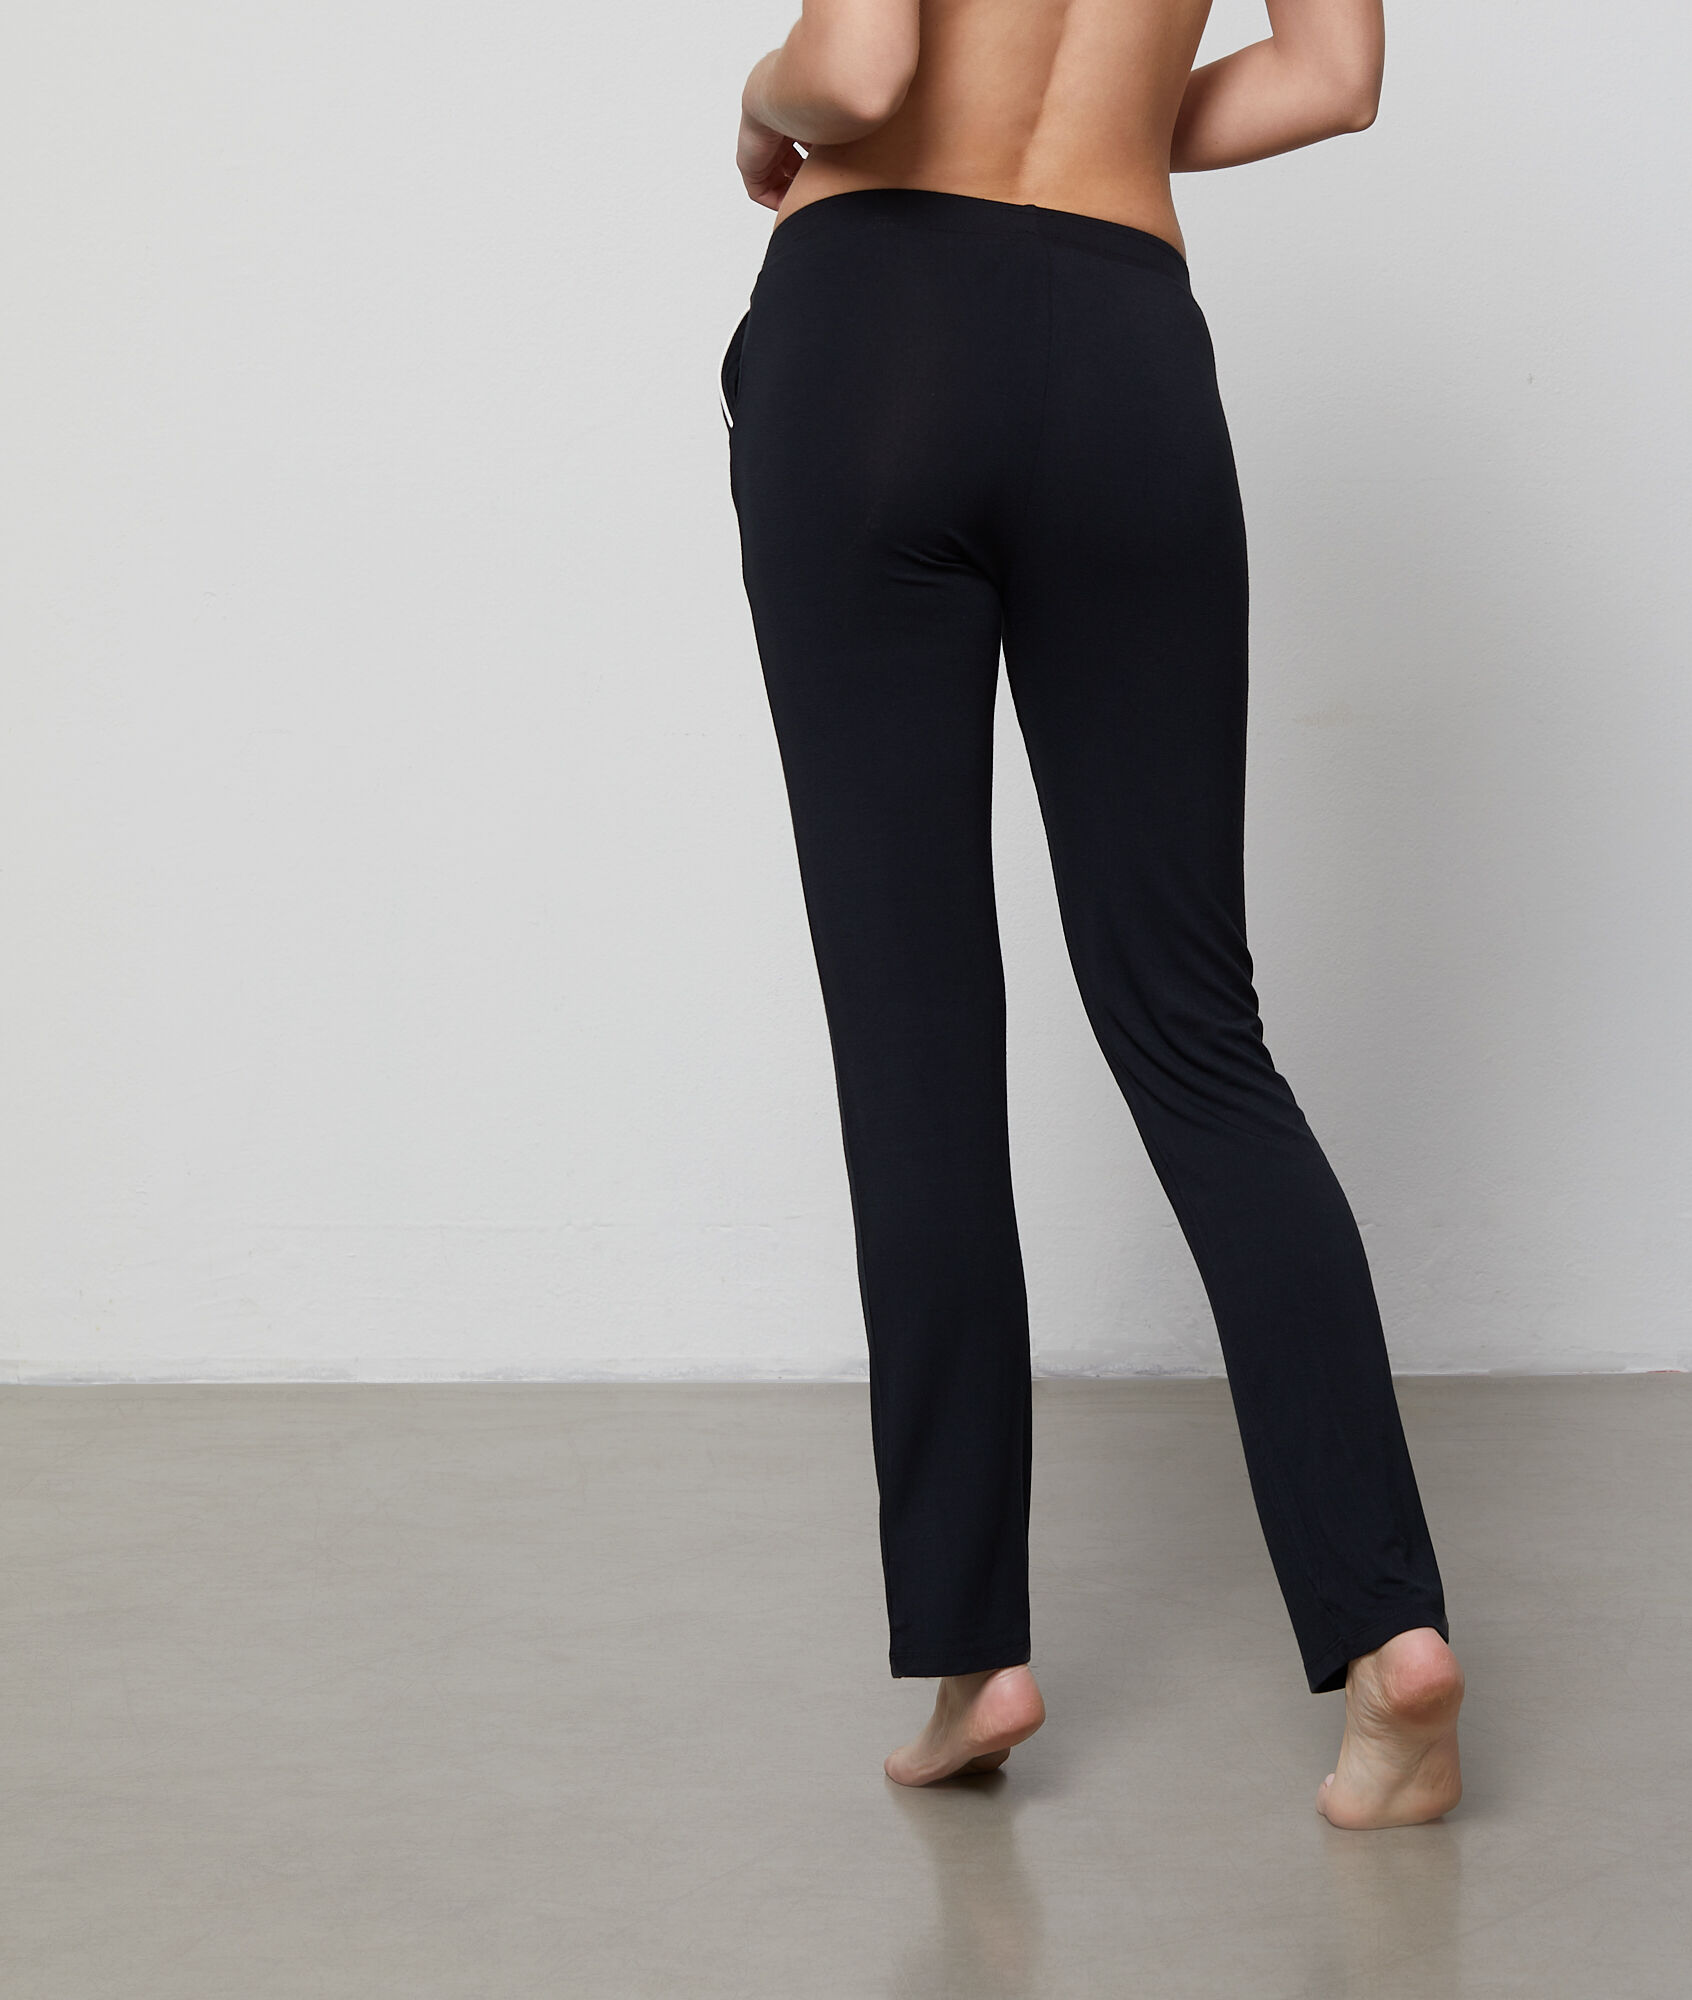 Pantalon fluide bicolore - WAELLE - NOIR - Etam d74568983bf